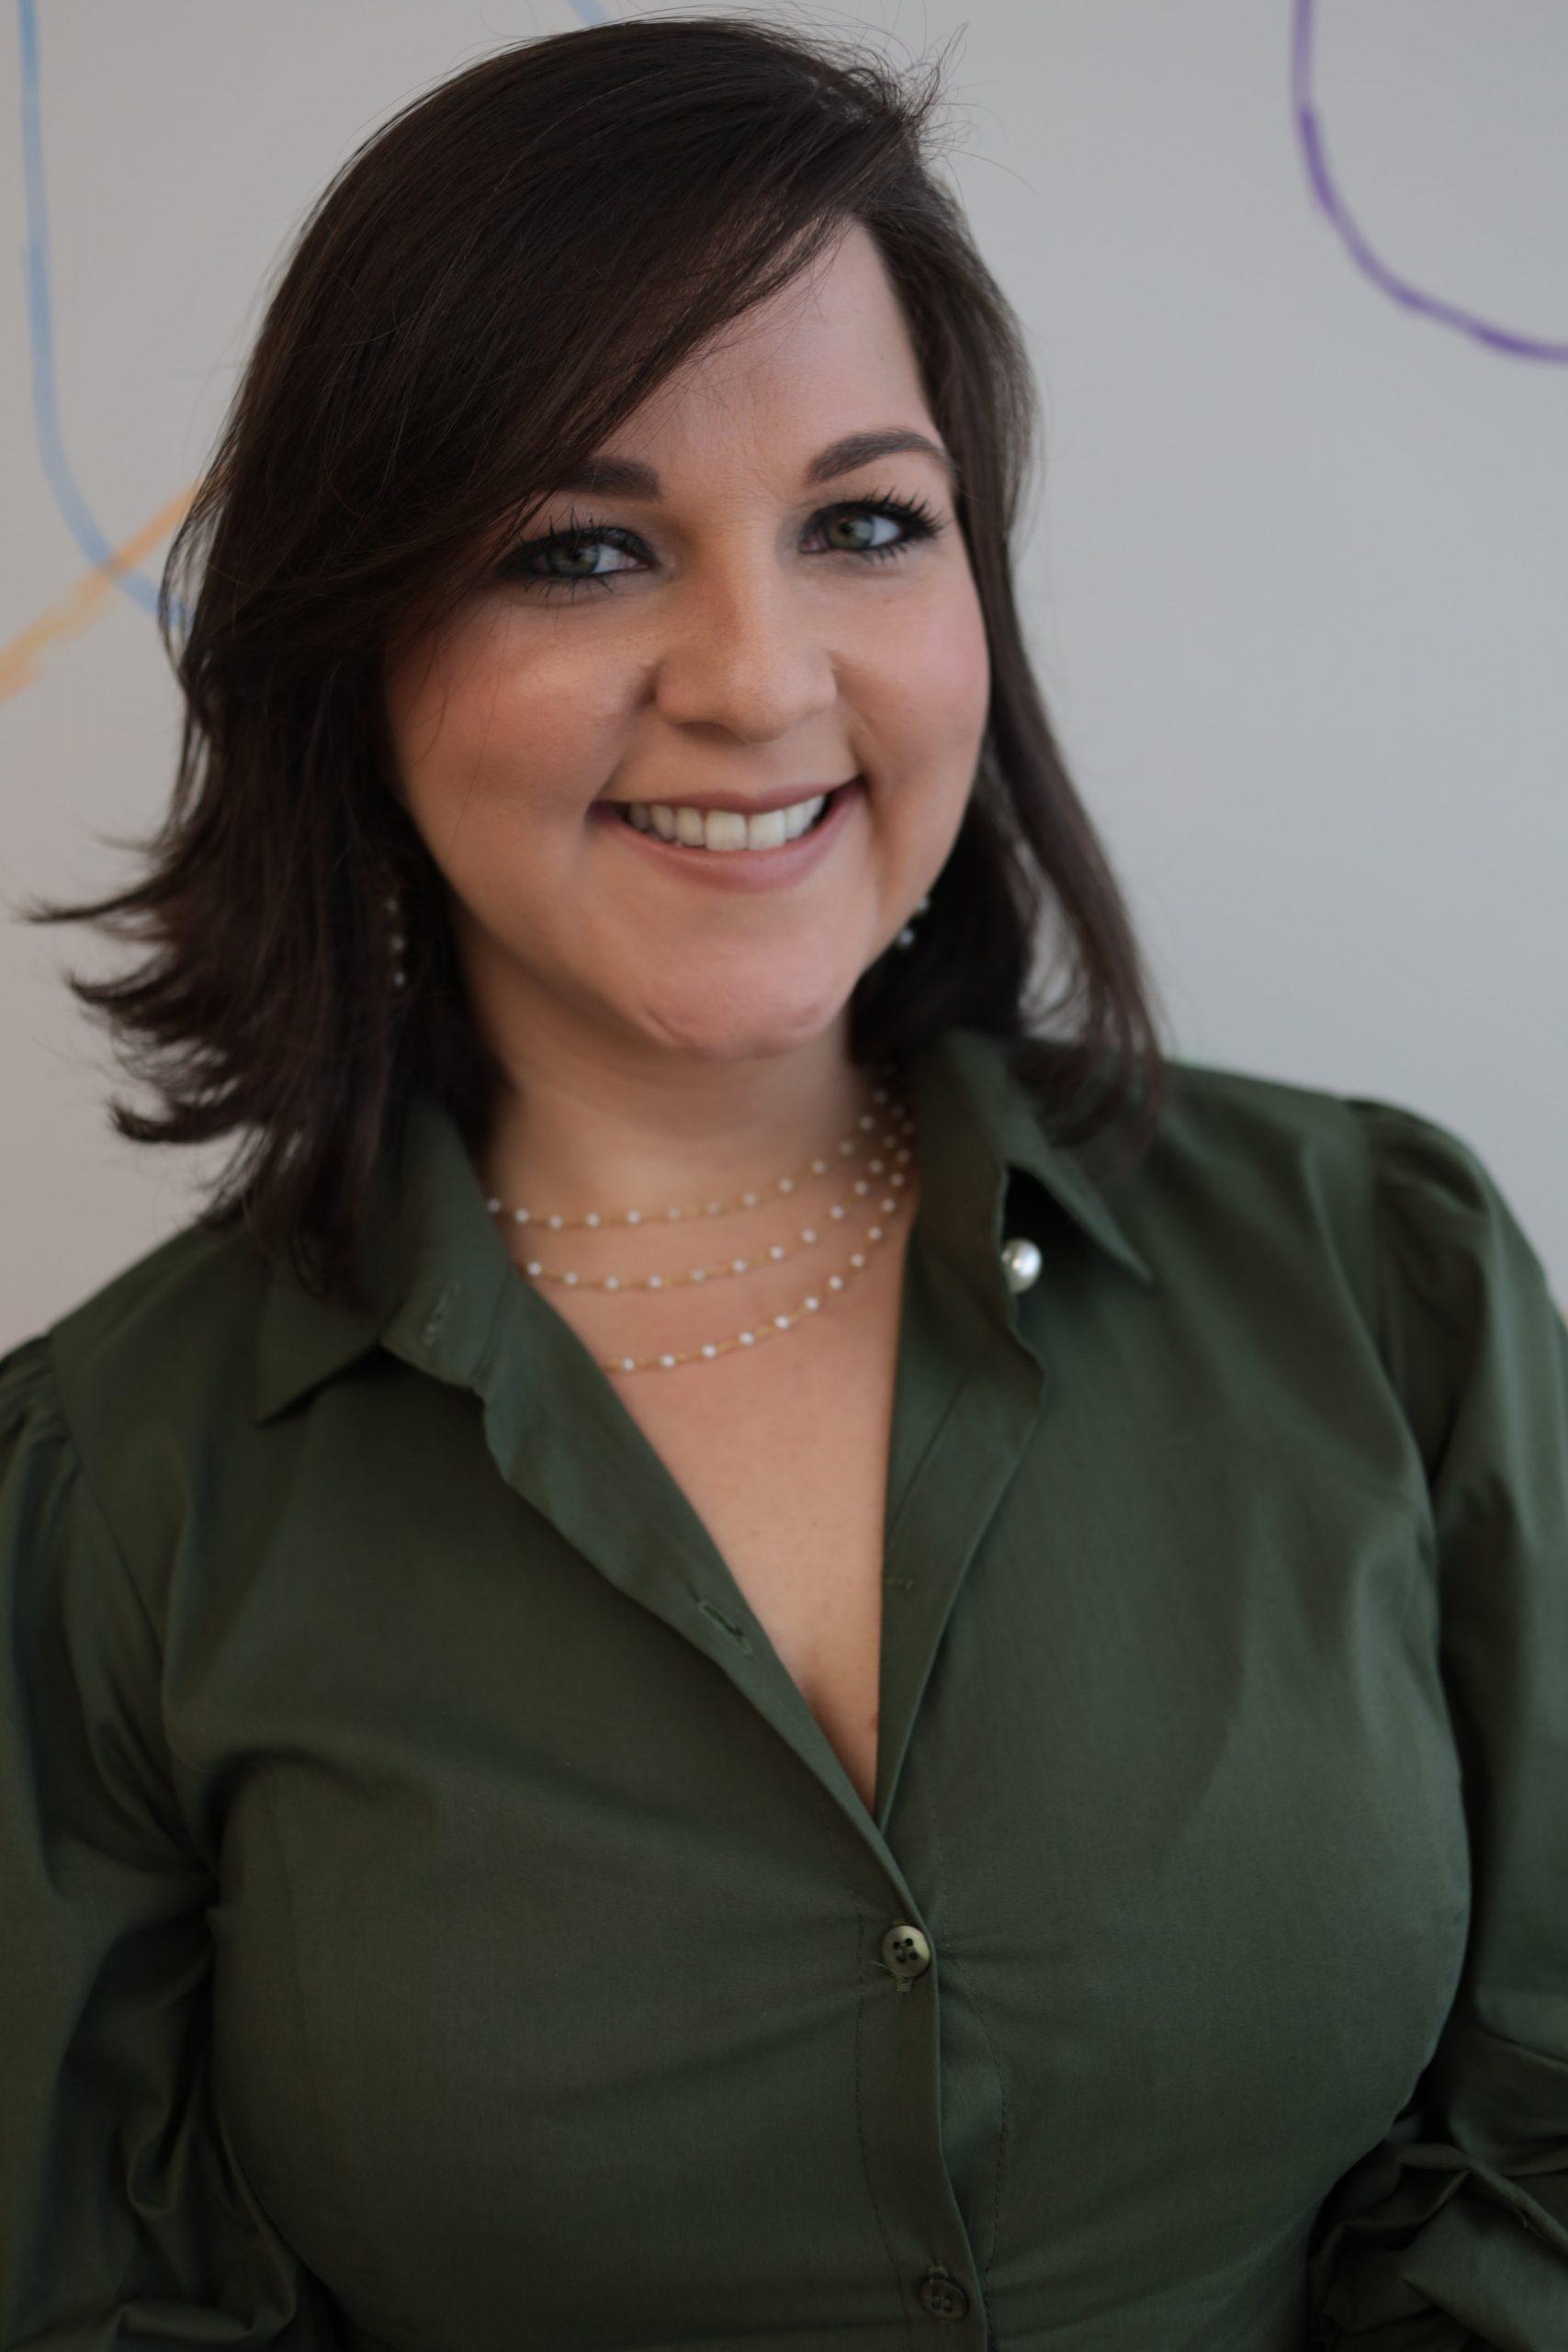 Camilla Paiva